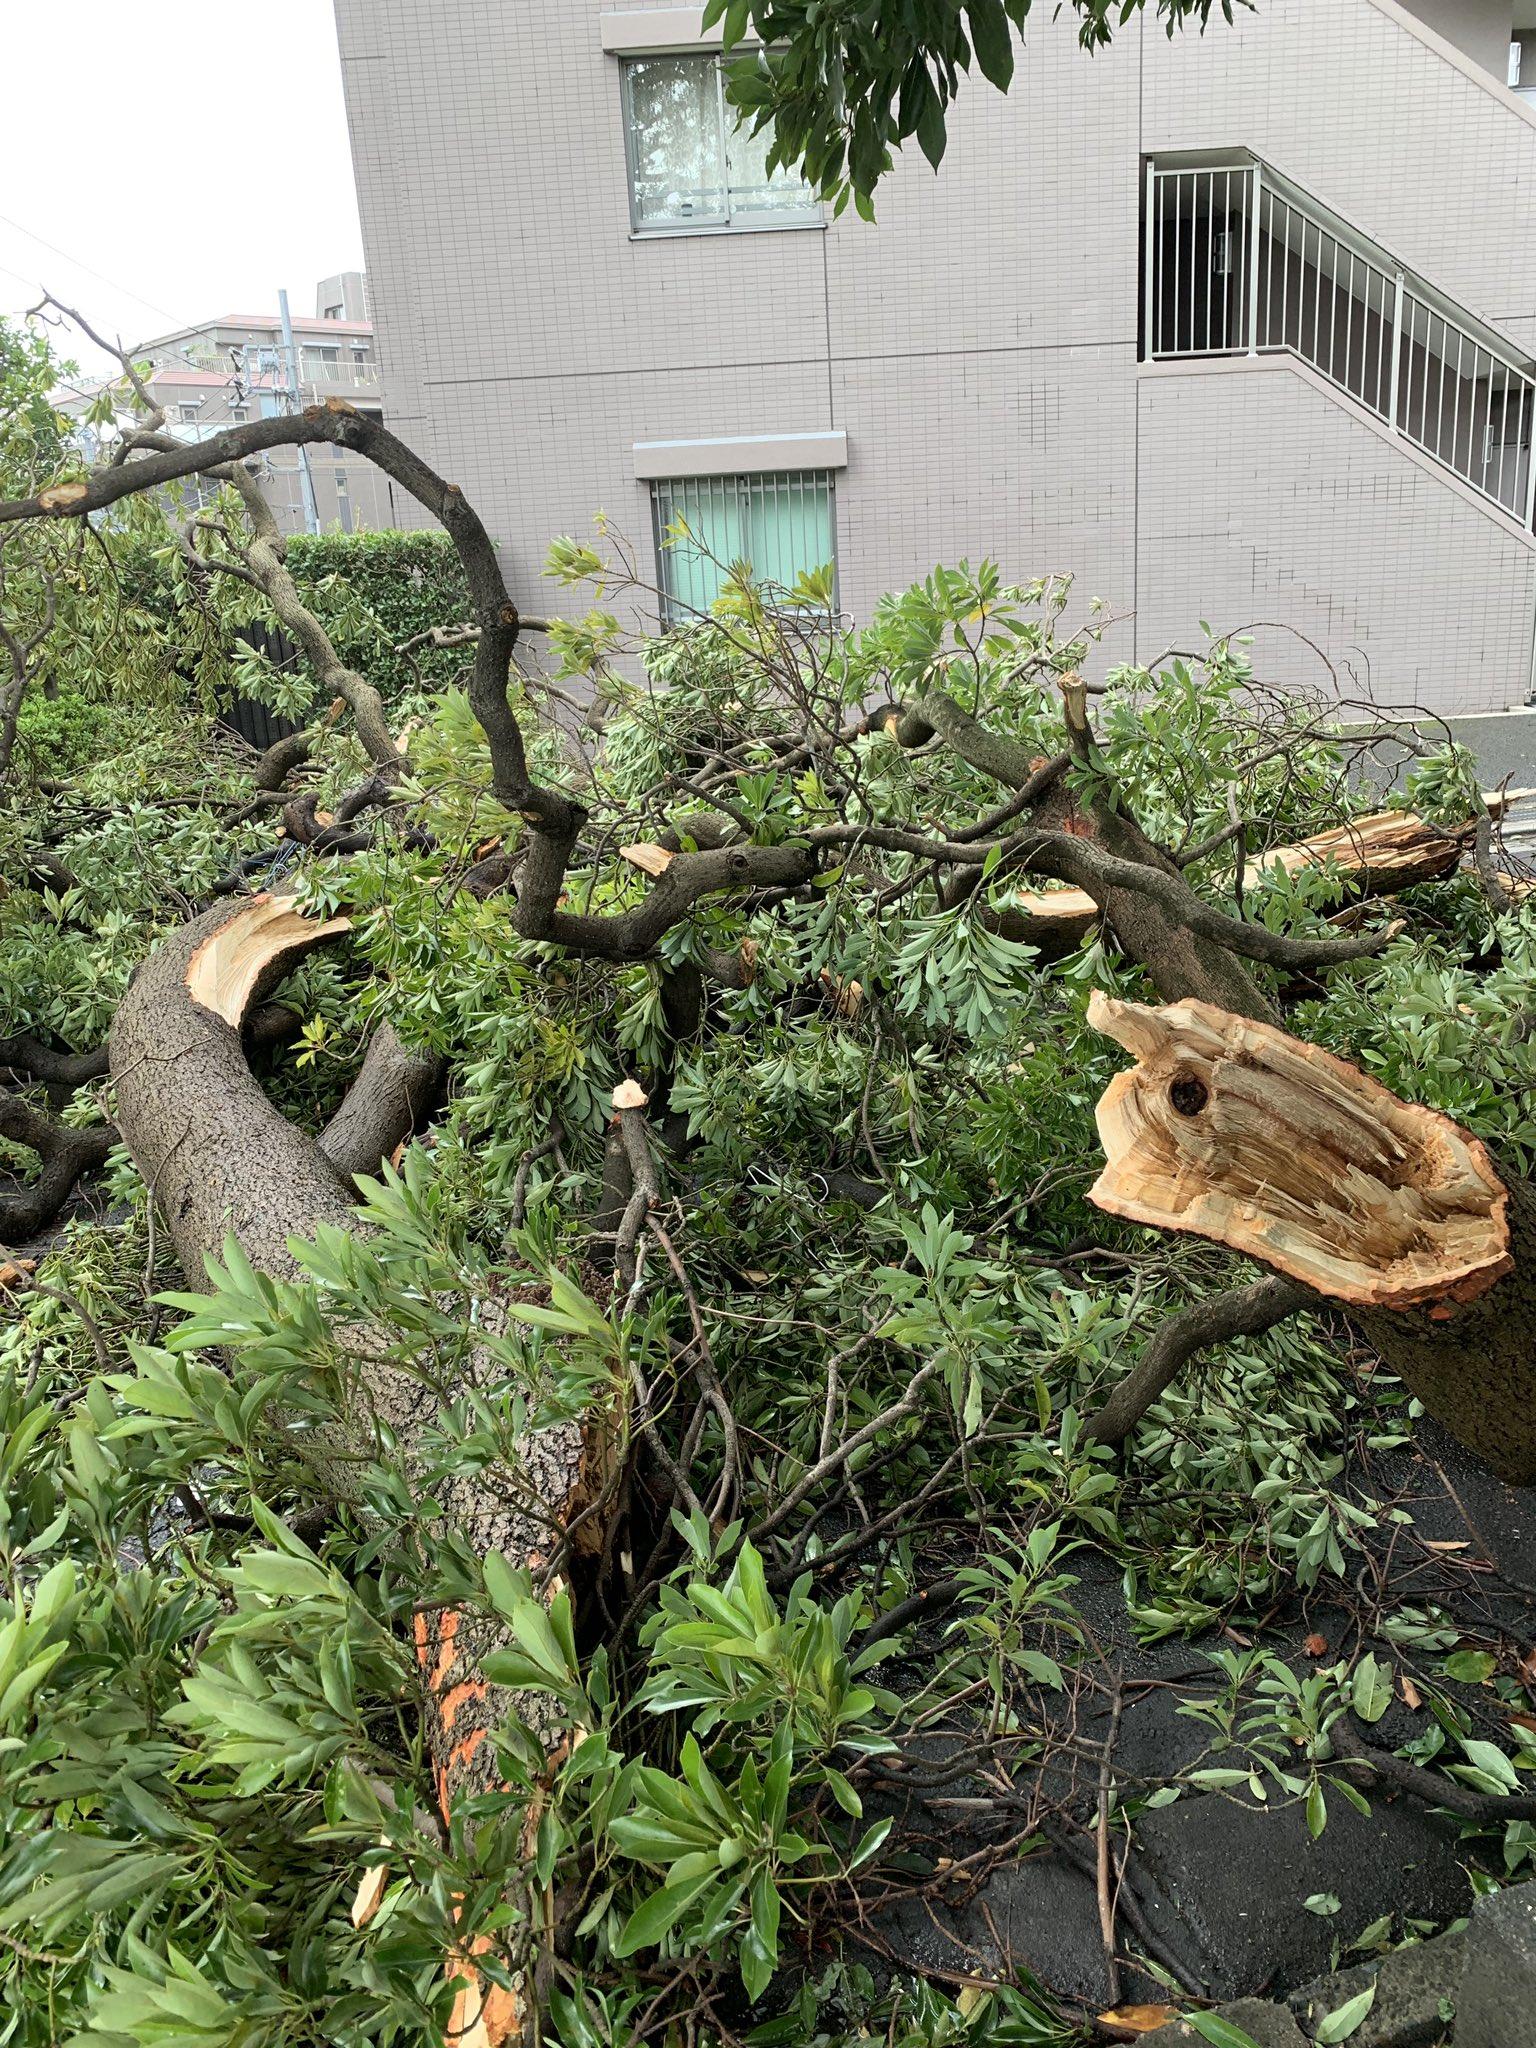 画像,うちの近所にタブノキという由緒ある巨木があるのですが、、見事にやられてました。 https://t.co/IlytOMxunW…